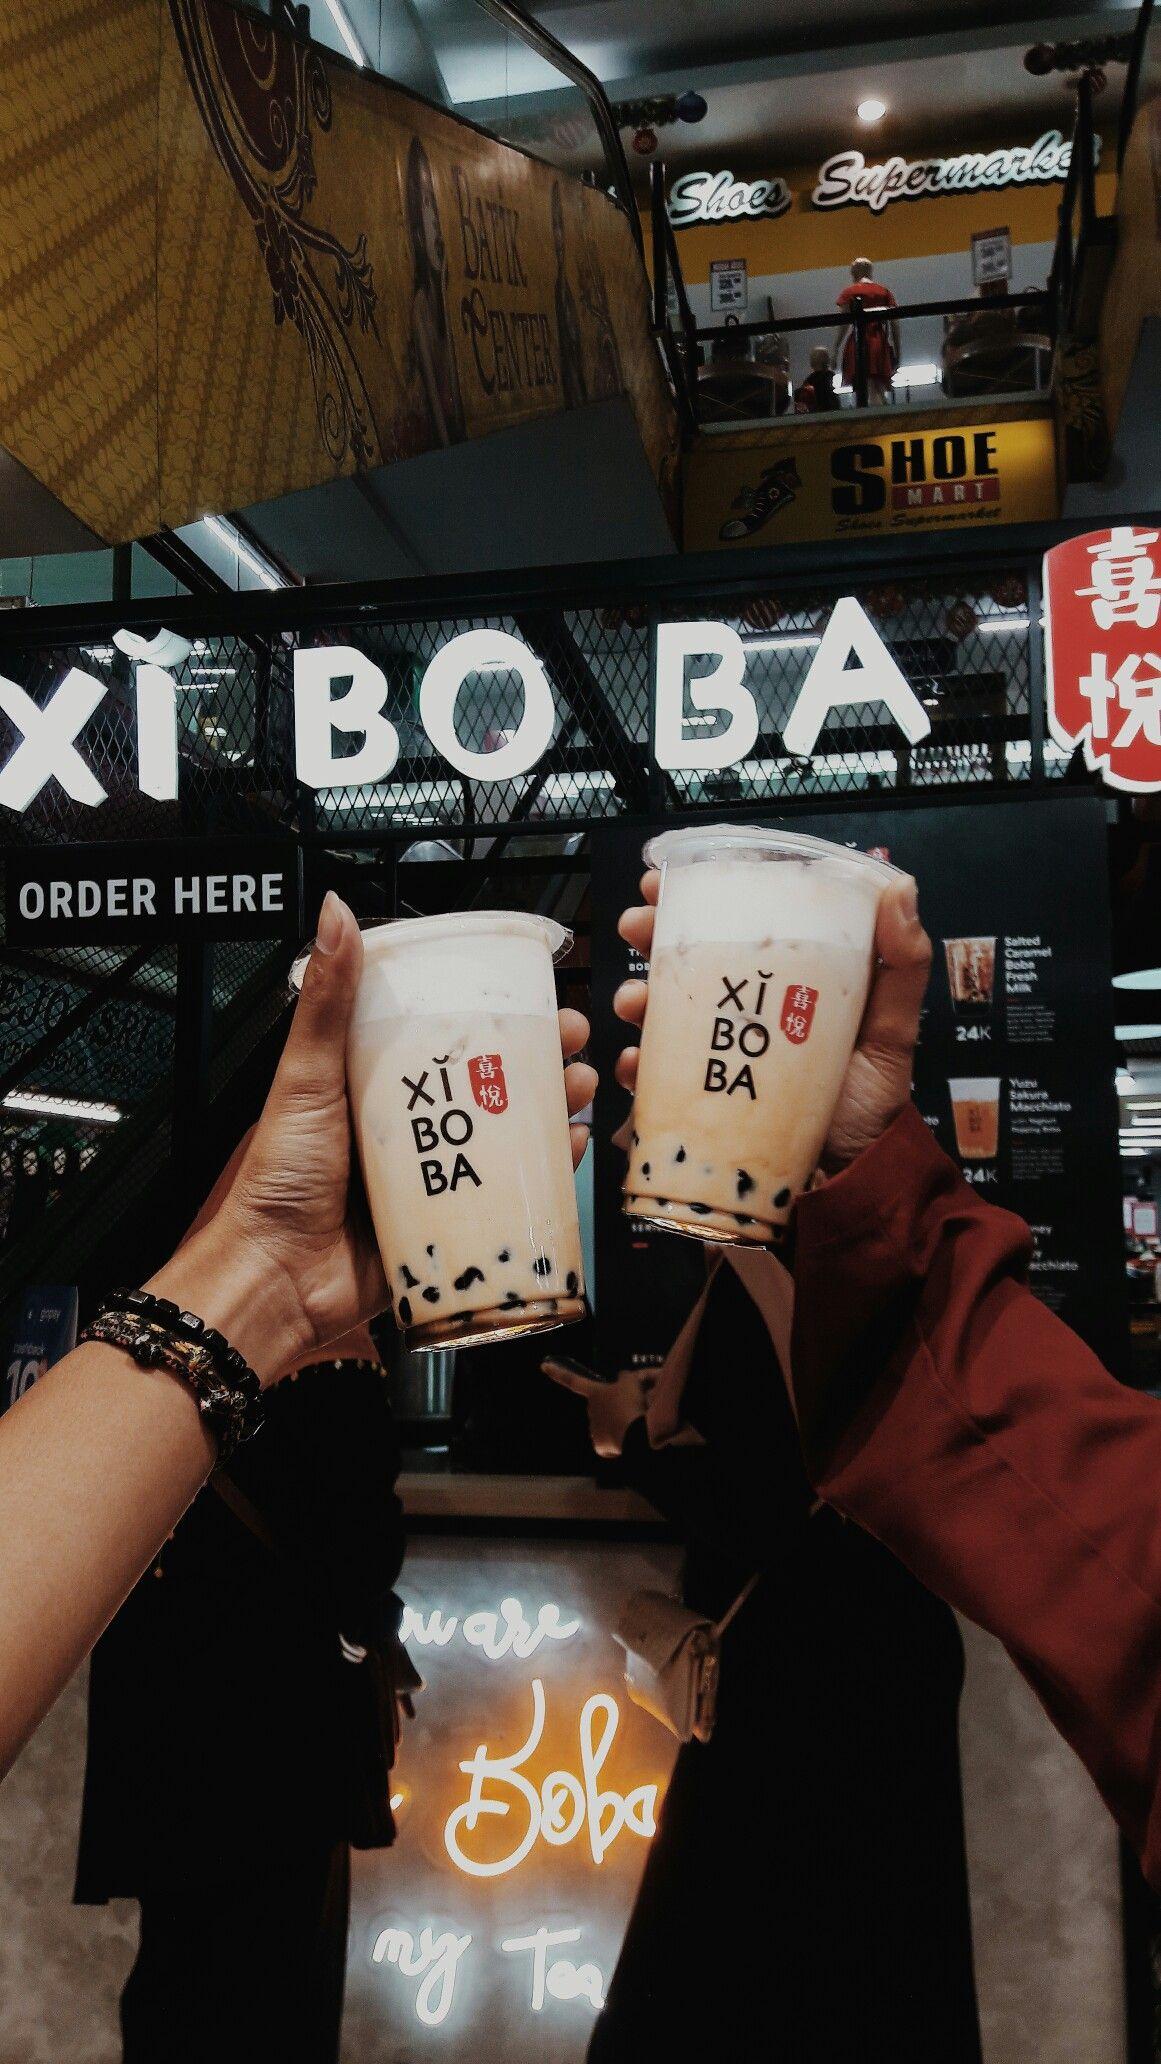 20 11 29 08 15 P M Brown Sugar Boba Milk Tea Brown Sugar Boba